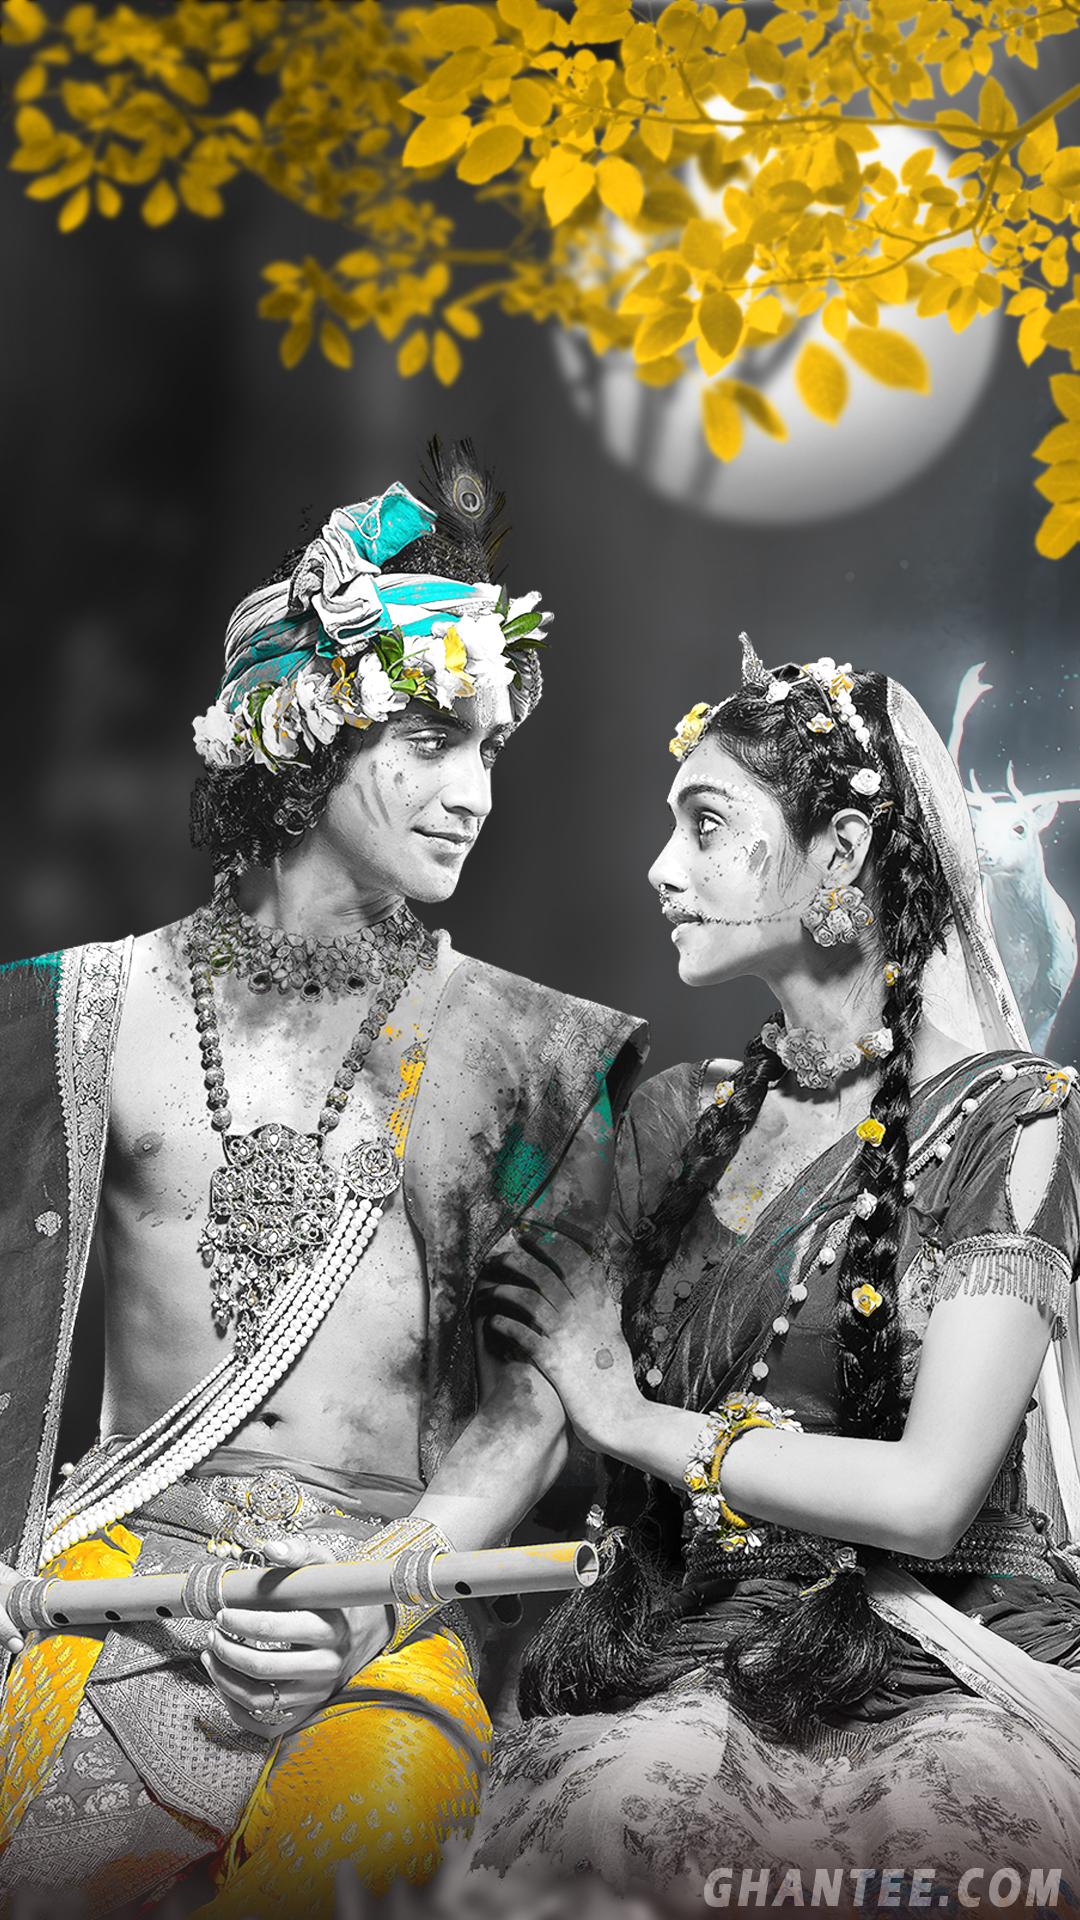 radha krishna hd phone wallpaper from radhakrishna serial